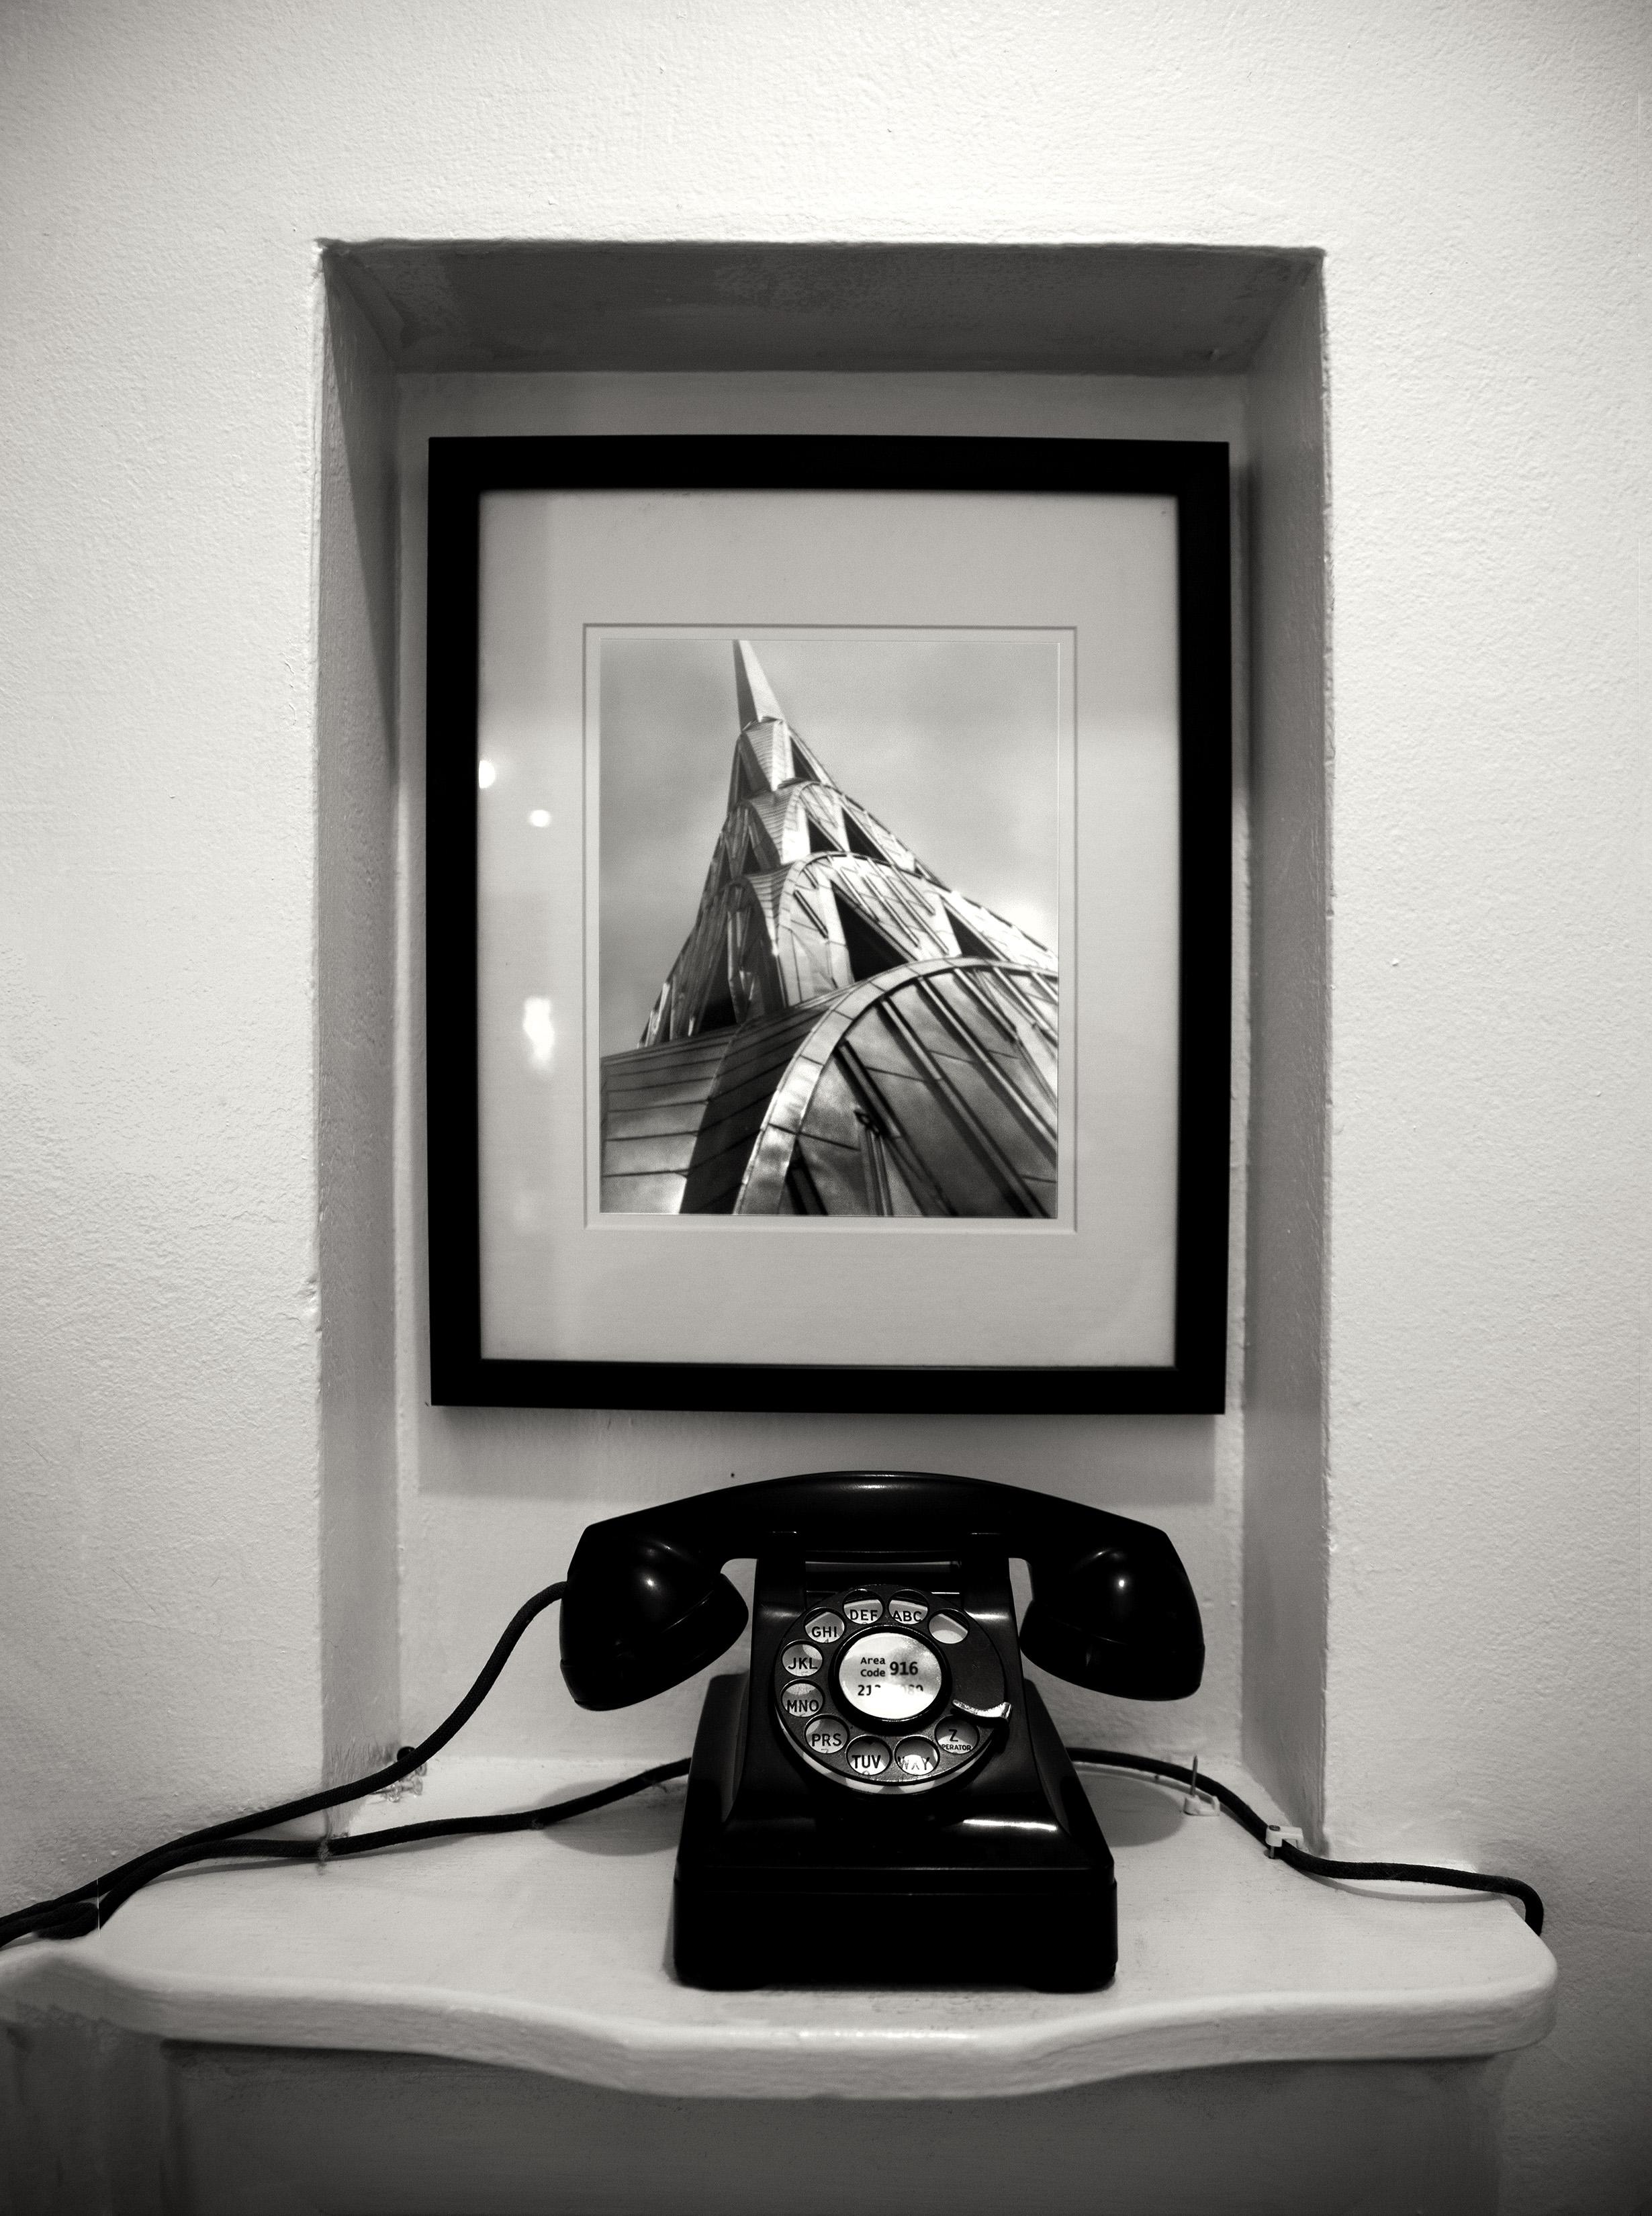 Gratis Afbeeldingen : licht, zwart en wit, venster, muur, woonkamer ...